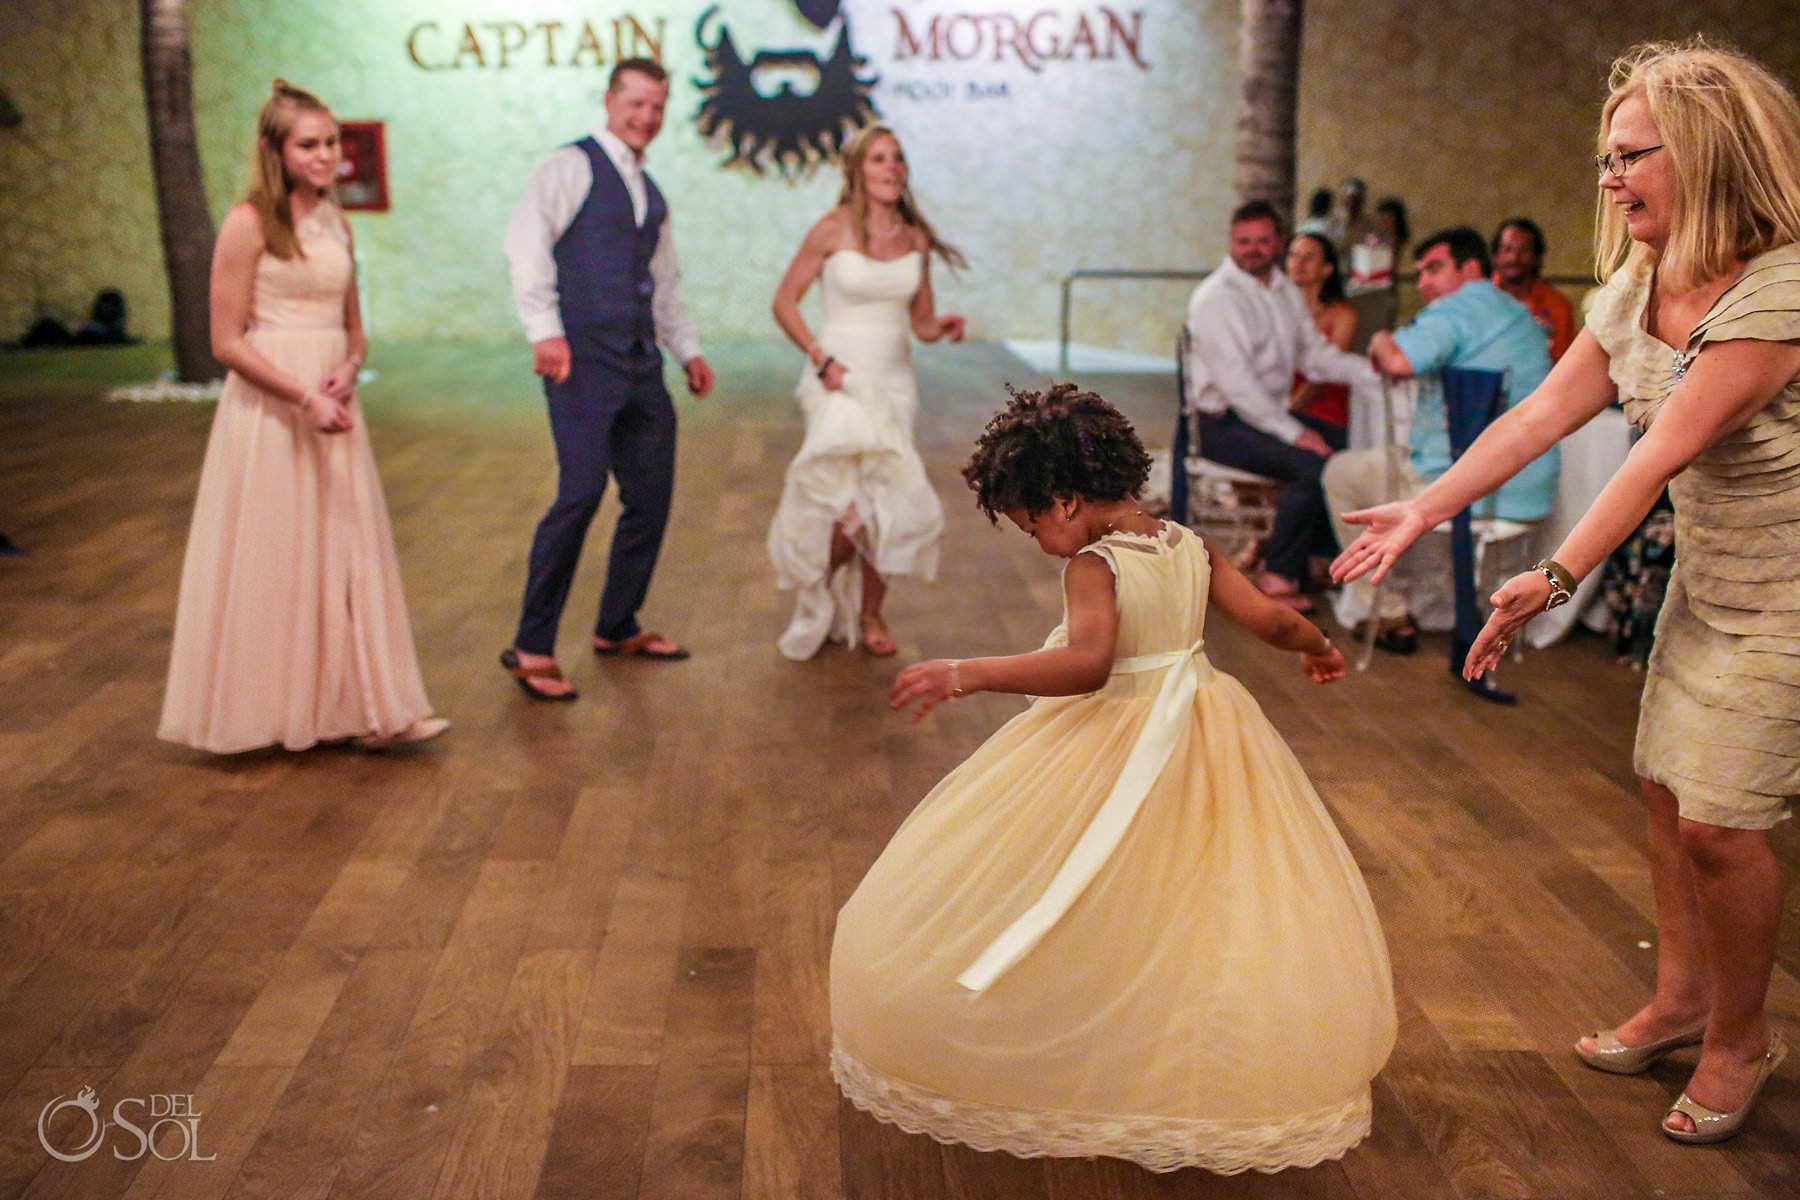 Wedding Captain Morgan Grill reception Riviera Maya Mexico